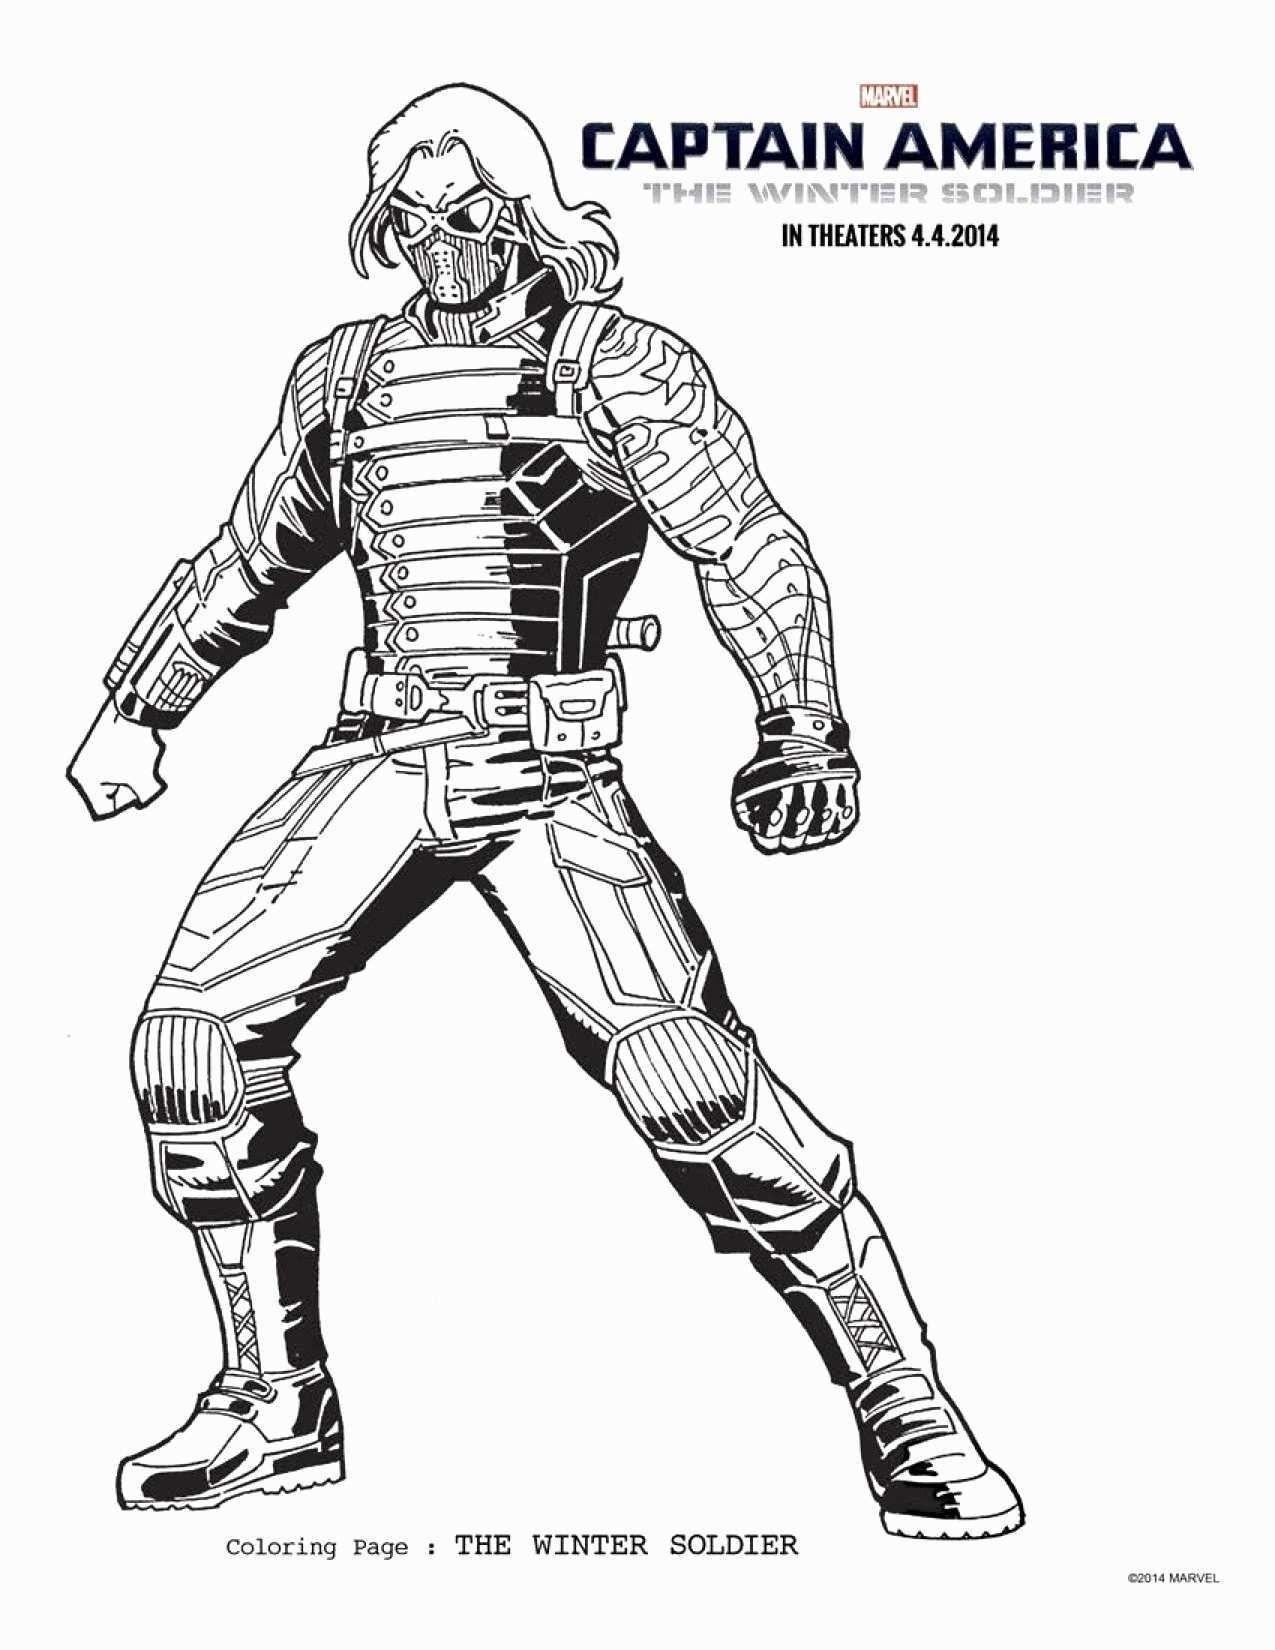 Malvorlagen Amerika Malvorlagen Superhelden malvorlagen